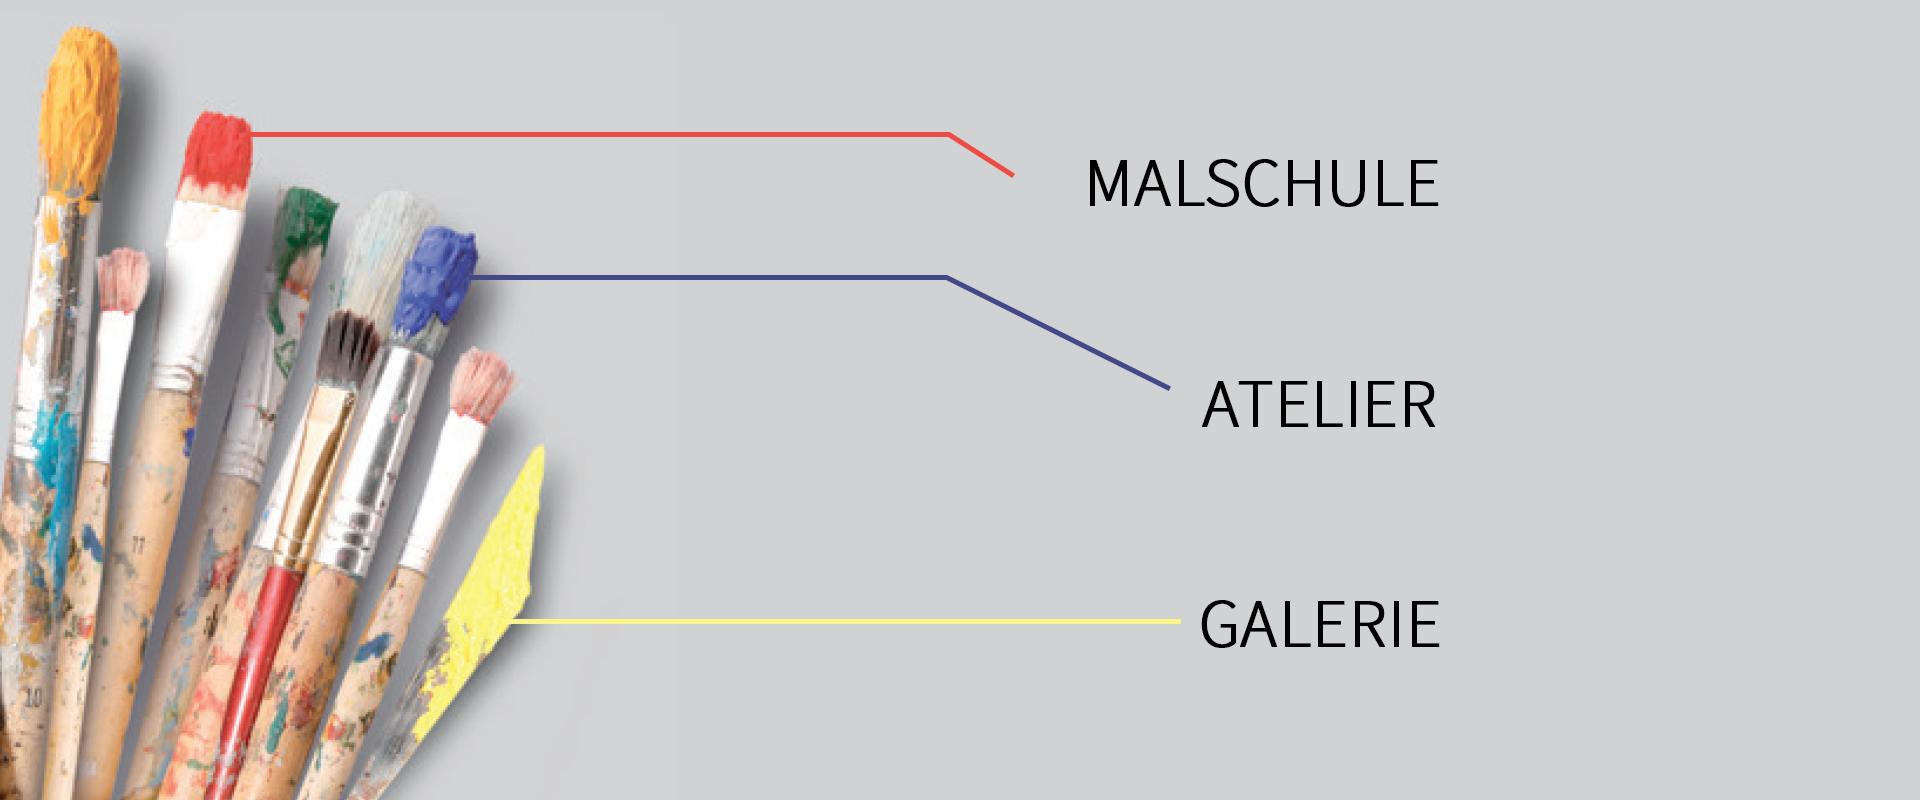 Willkommen auf der Internetseite der MALSCHULE. ATELIE. GALERIE. HARTWAHN